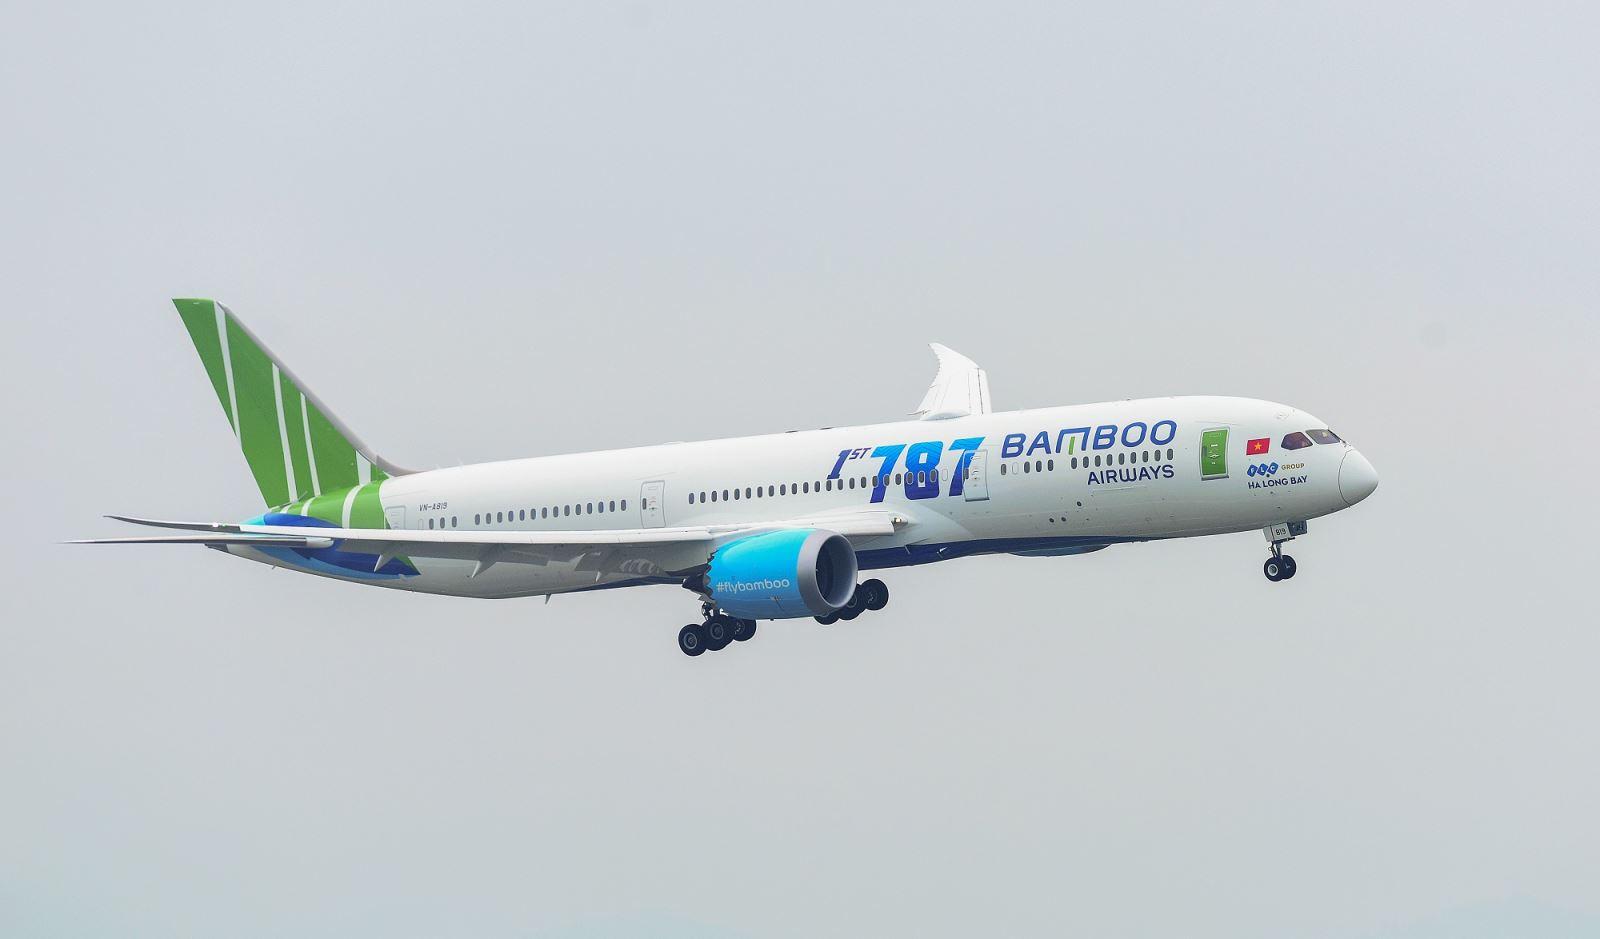 Bamboo Airways khai thác chuyến bay đặc biệt Việt Nam – Đức